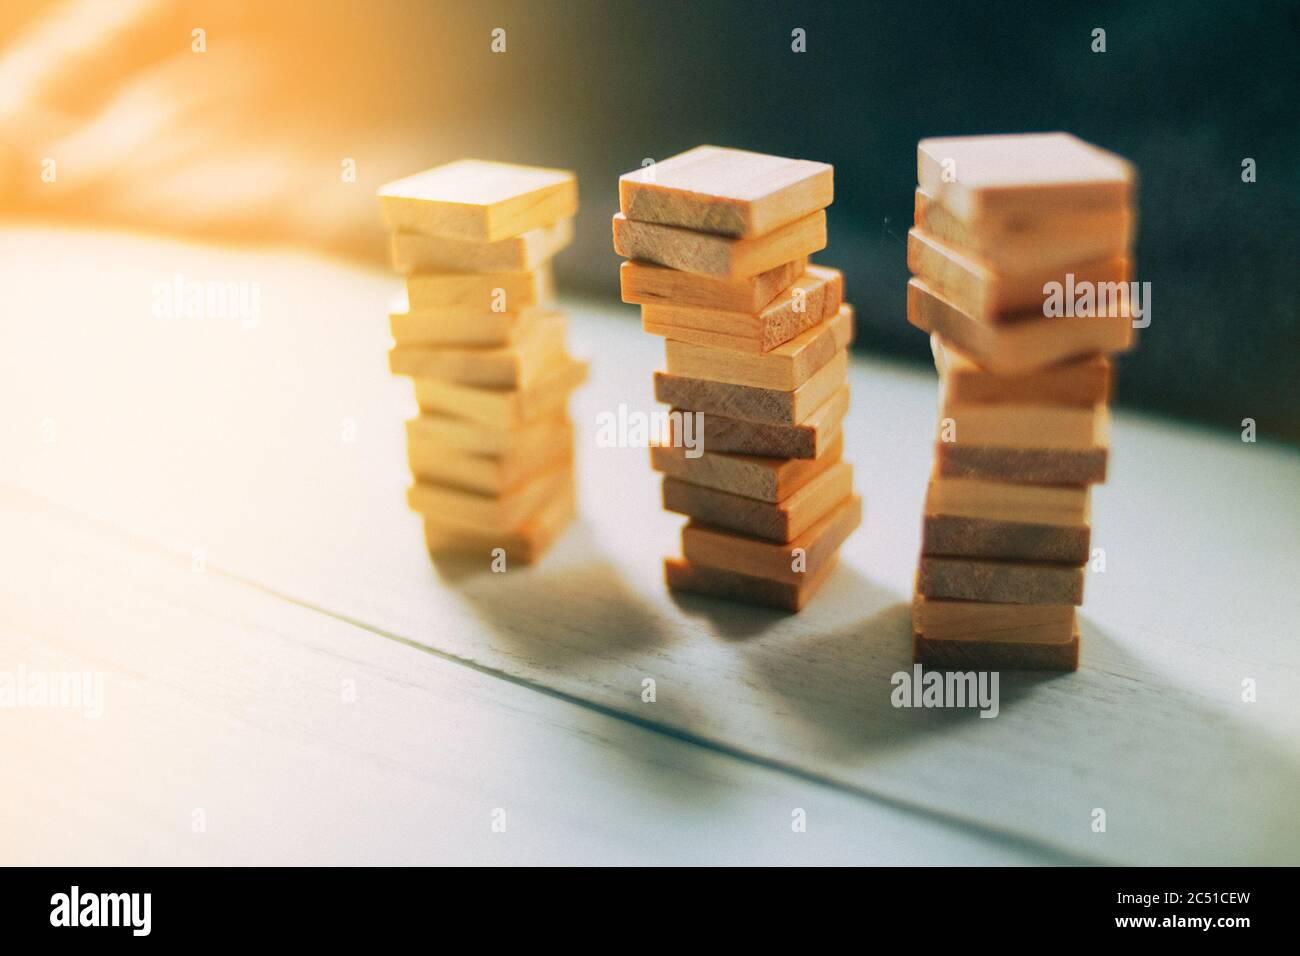 Holzwürfel stapeln sich gegenseitig auf Holz. Vorlage Für Finanzwesen Business Design Stockfoto